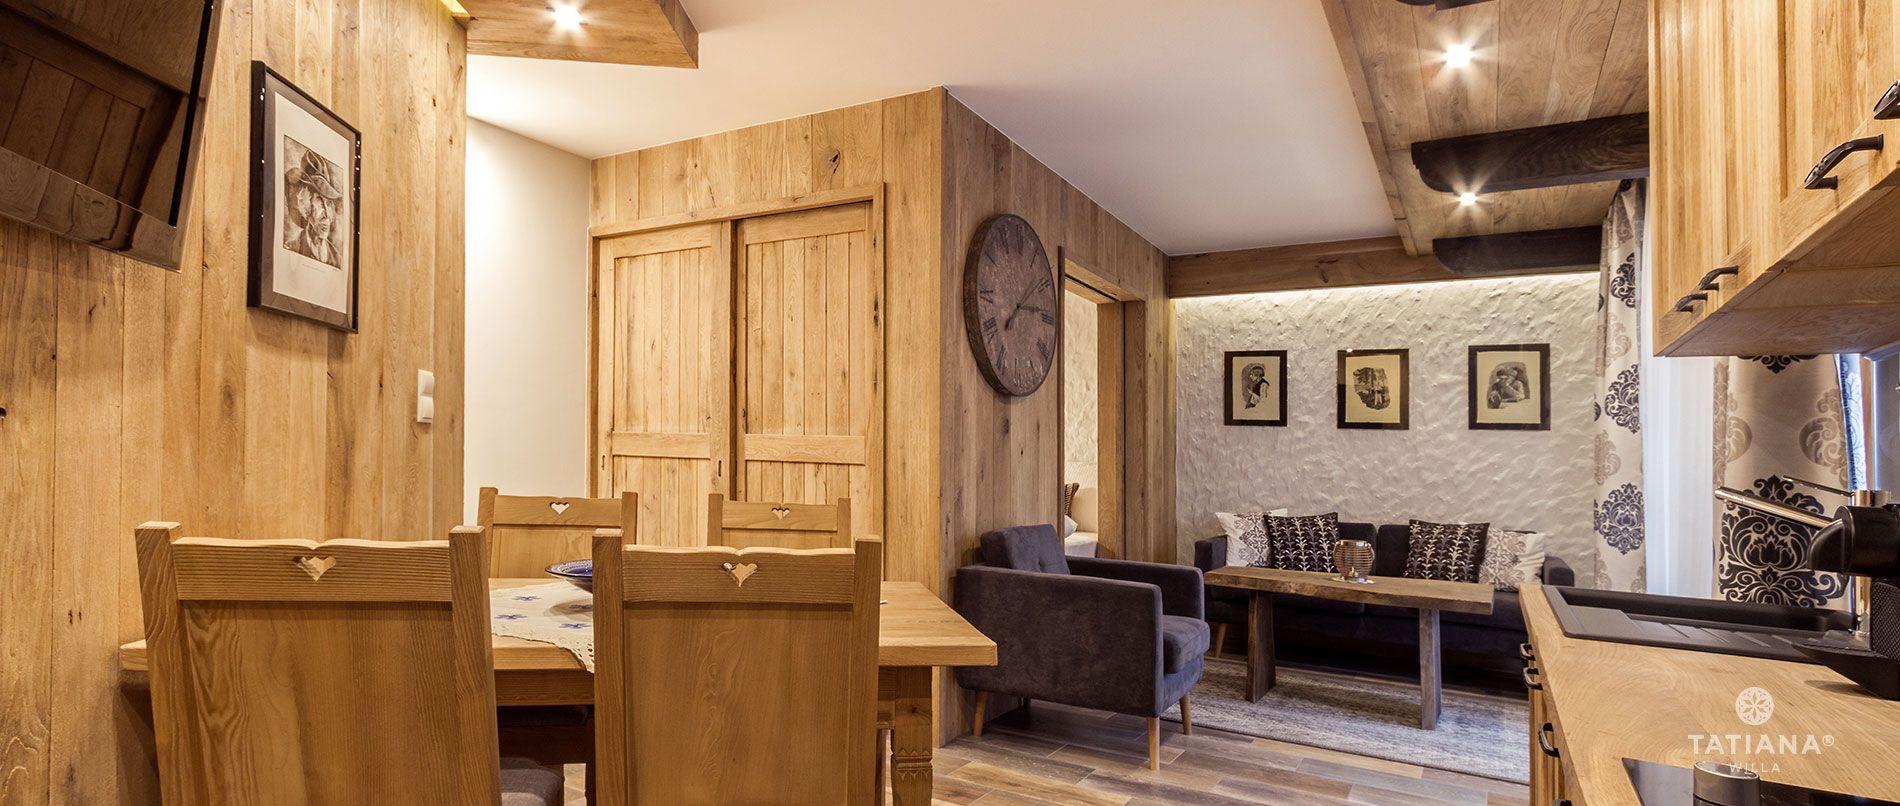 Apartament Stary Dębowy - salon